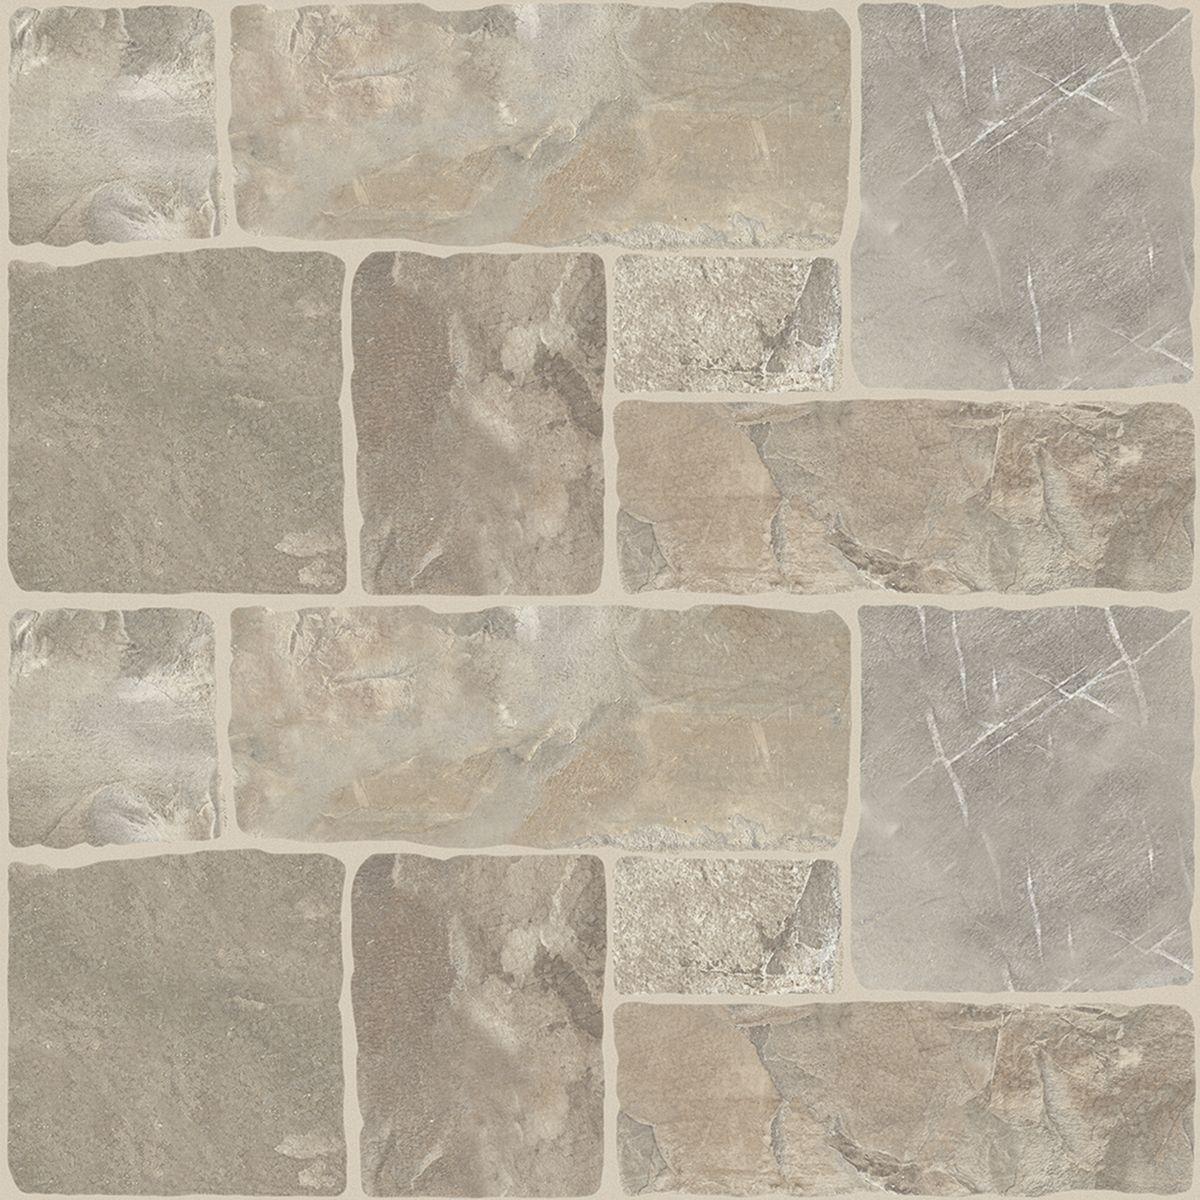 Pannelli in legno per pareti interne pannelli decorativi - Pannelli decorativi per pareti interne leroy merlin ...